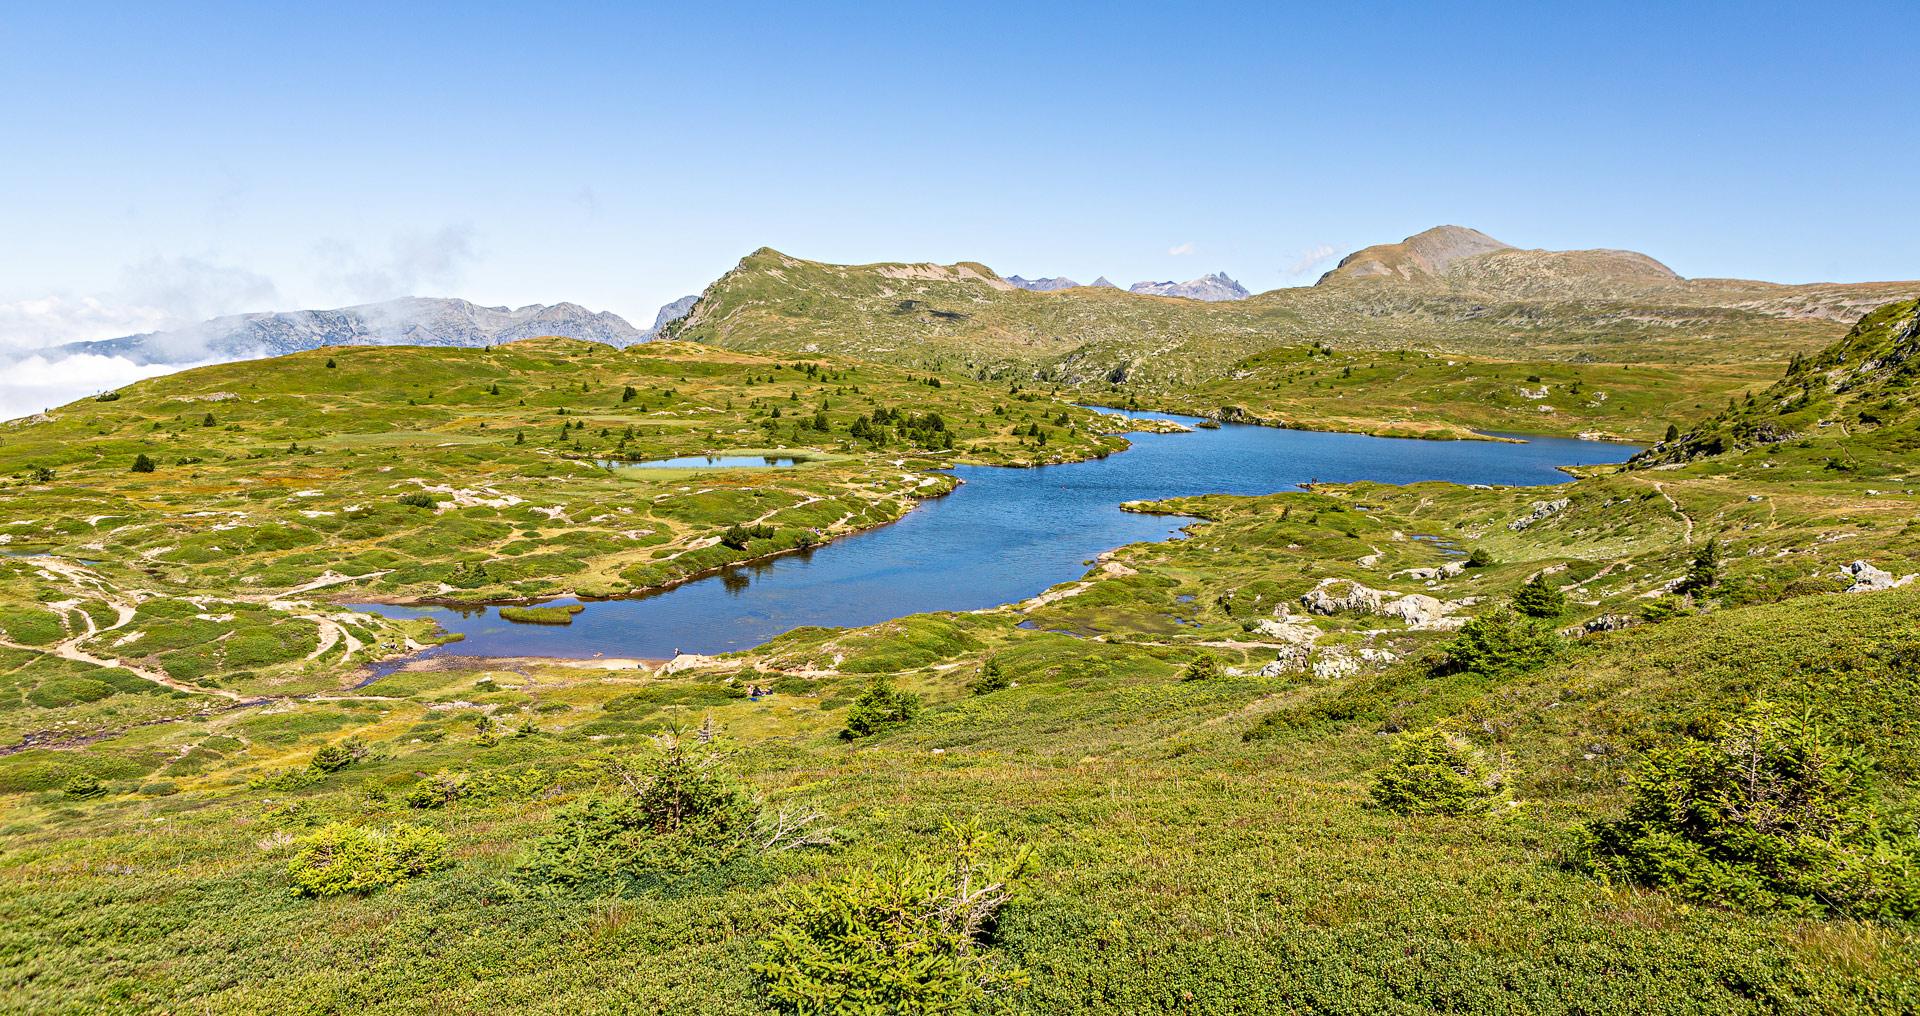 Randonnée plateau des lacs Taillefer